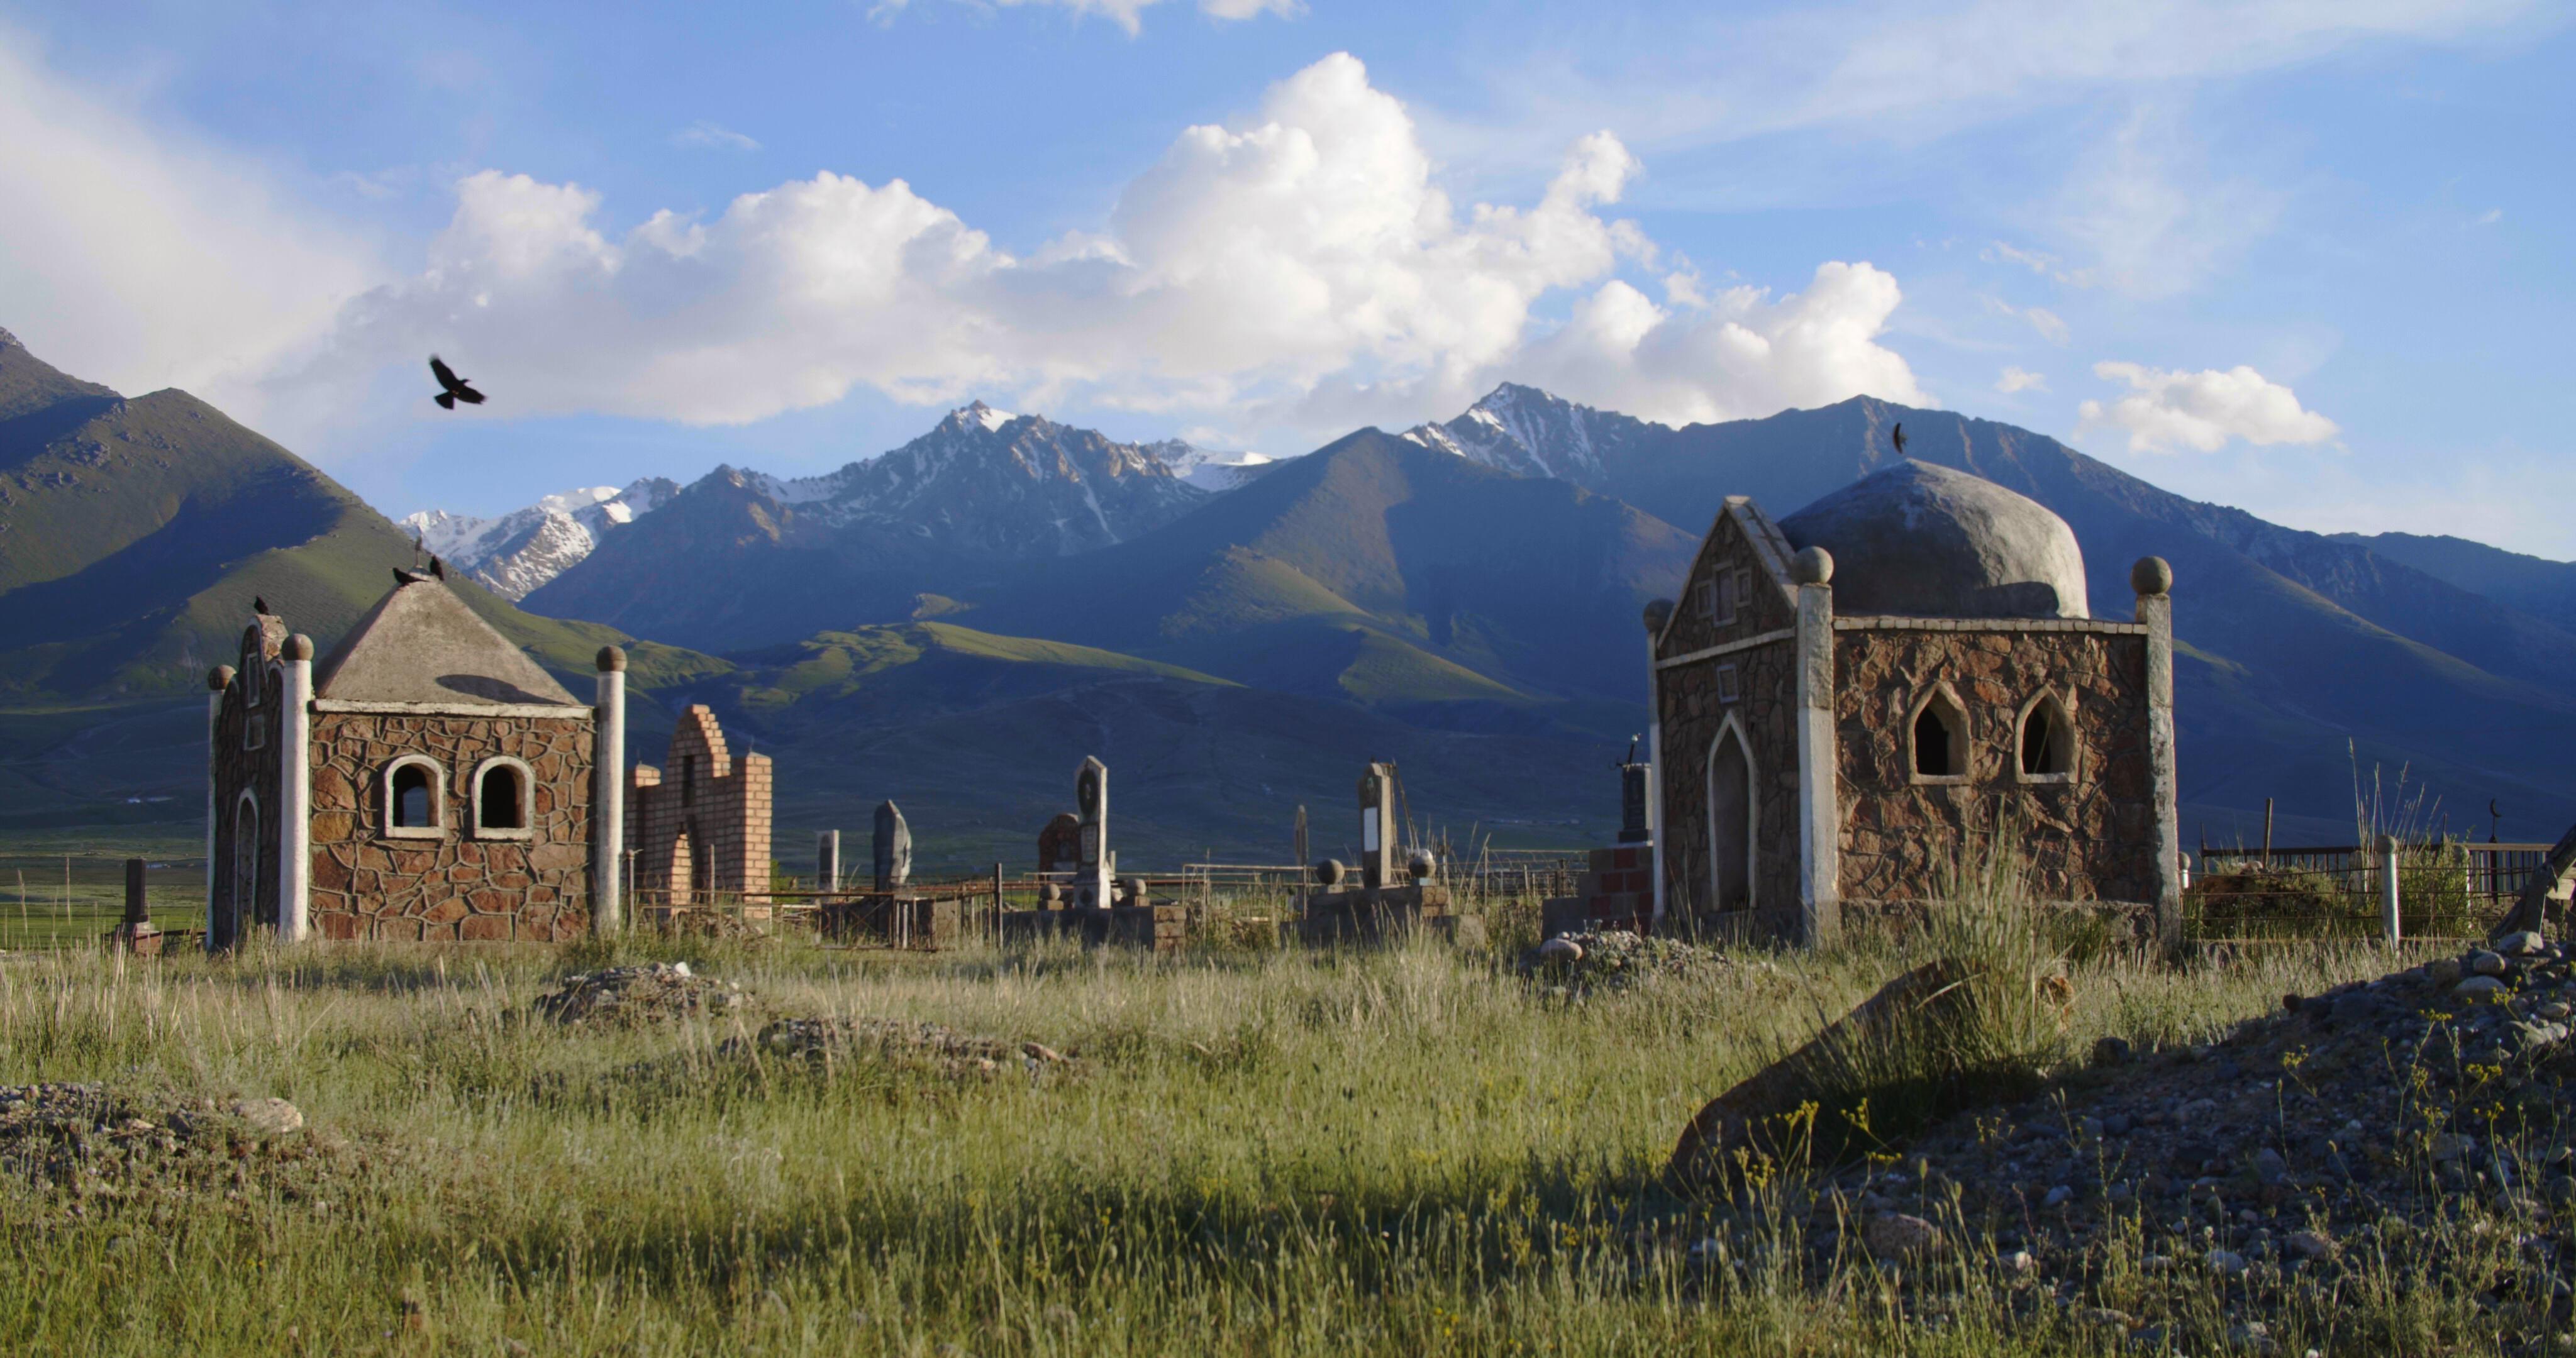 KyrgyzNightingale_Stills__1.29.1